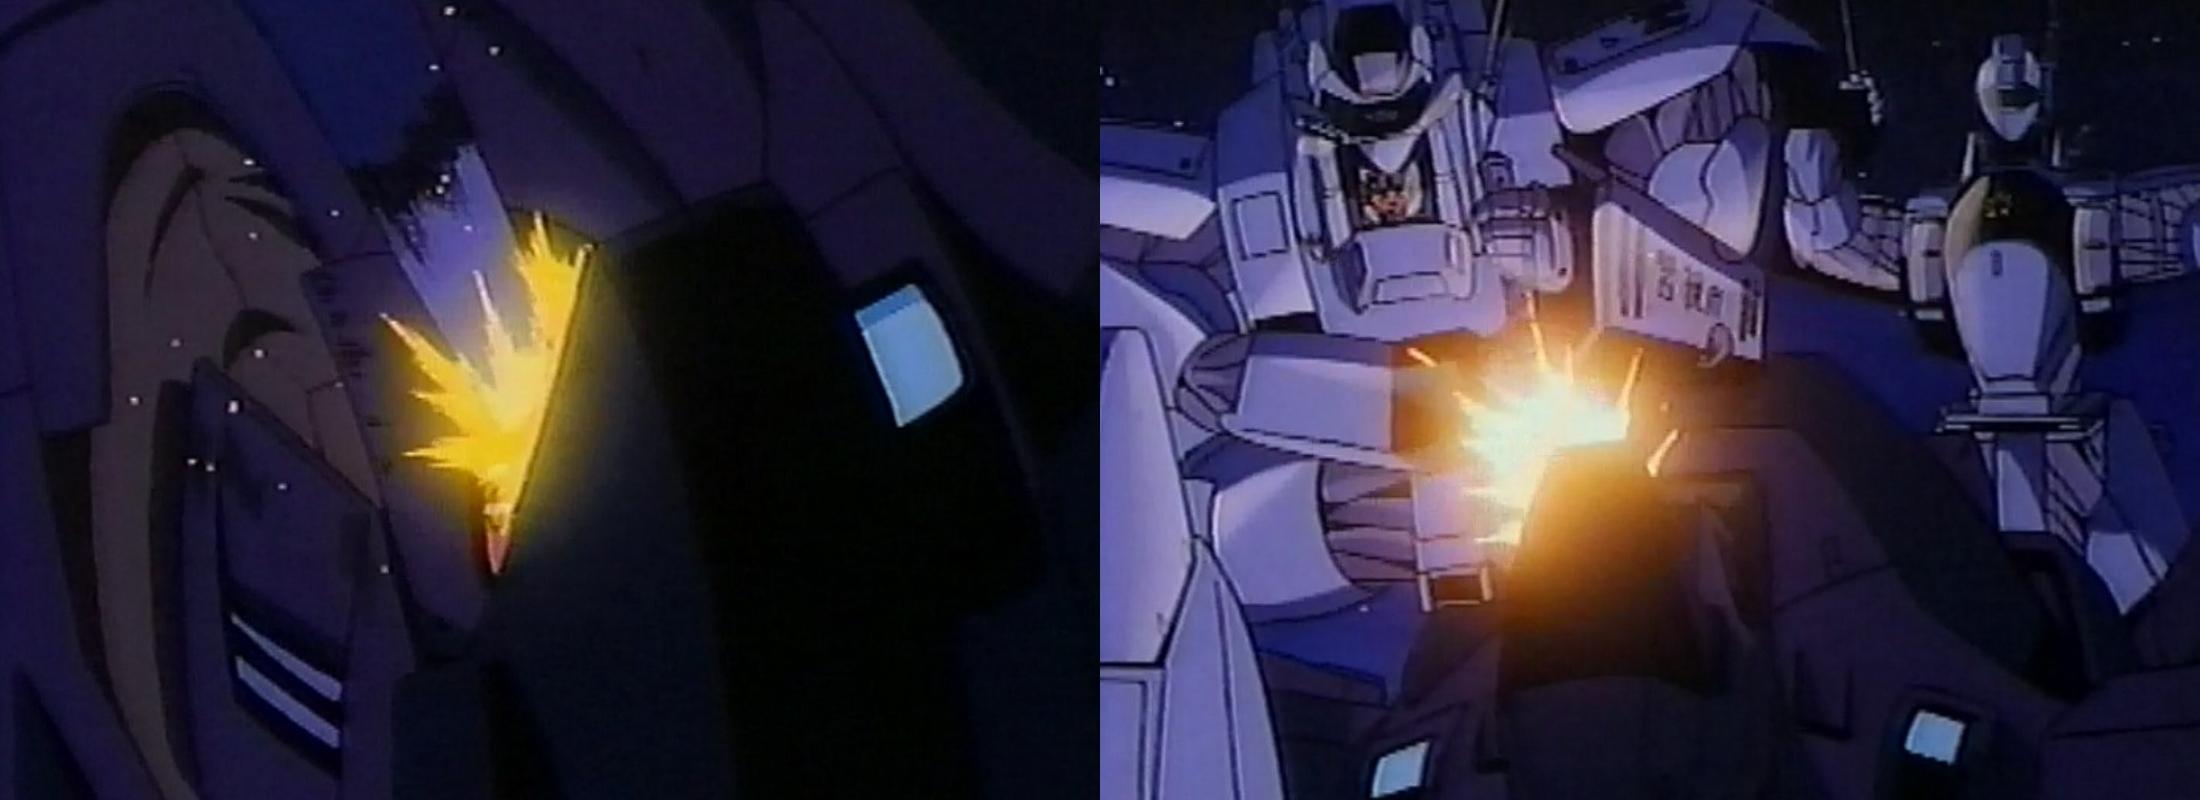 イングラム2号機が電磁警棒でサターンを攻撃